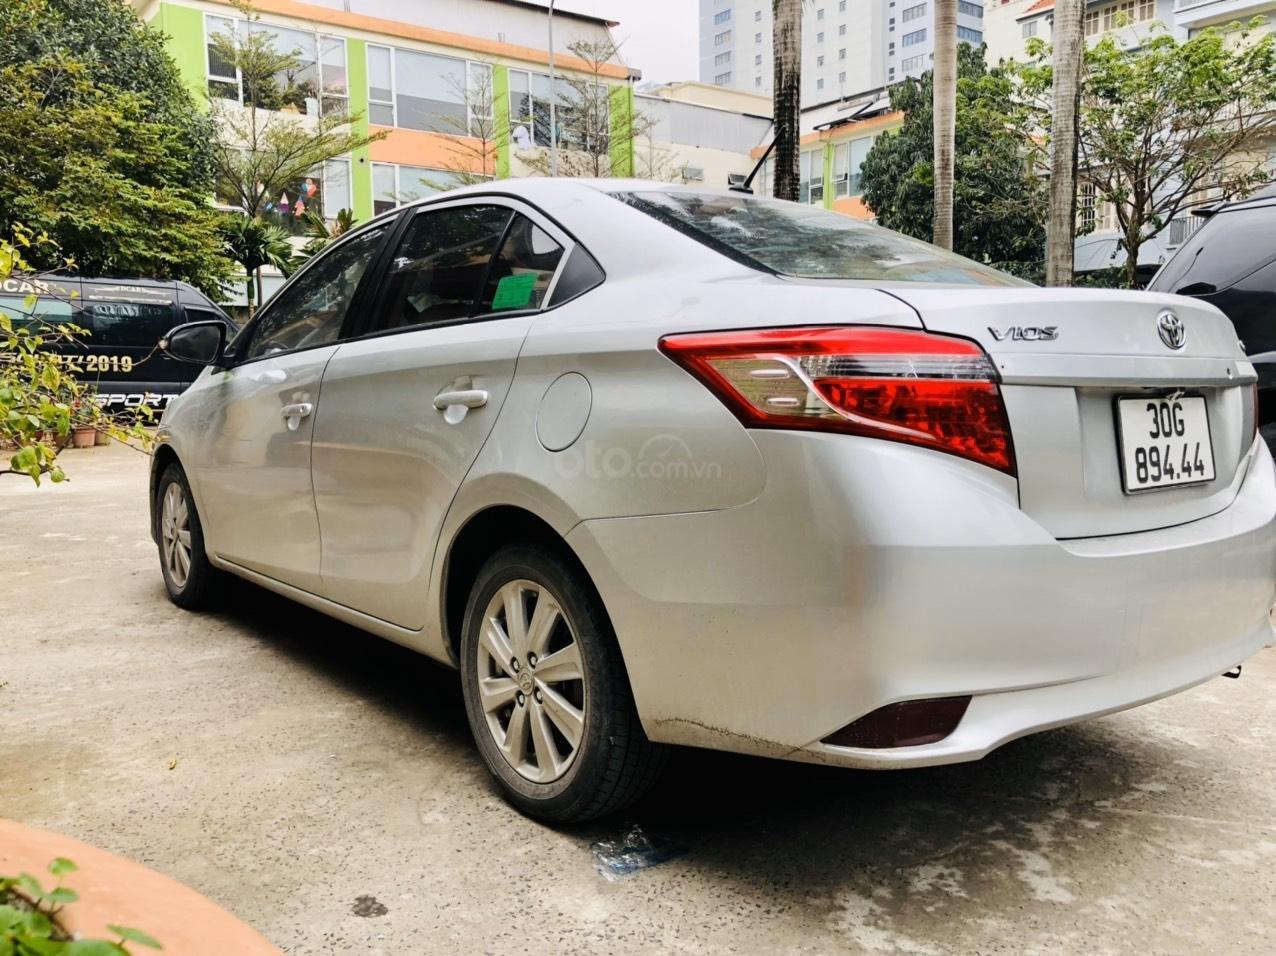 Bán xe Toyota Vios E MT sản xuất 2015, xe đẹp không lỗi nhỏ (6)